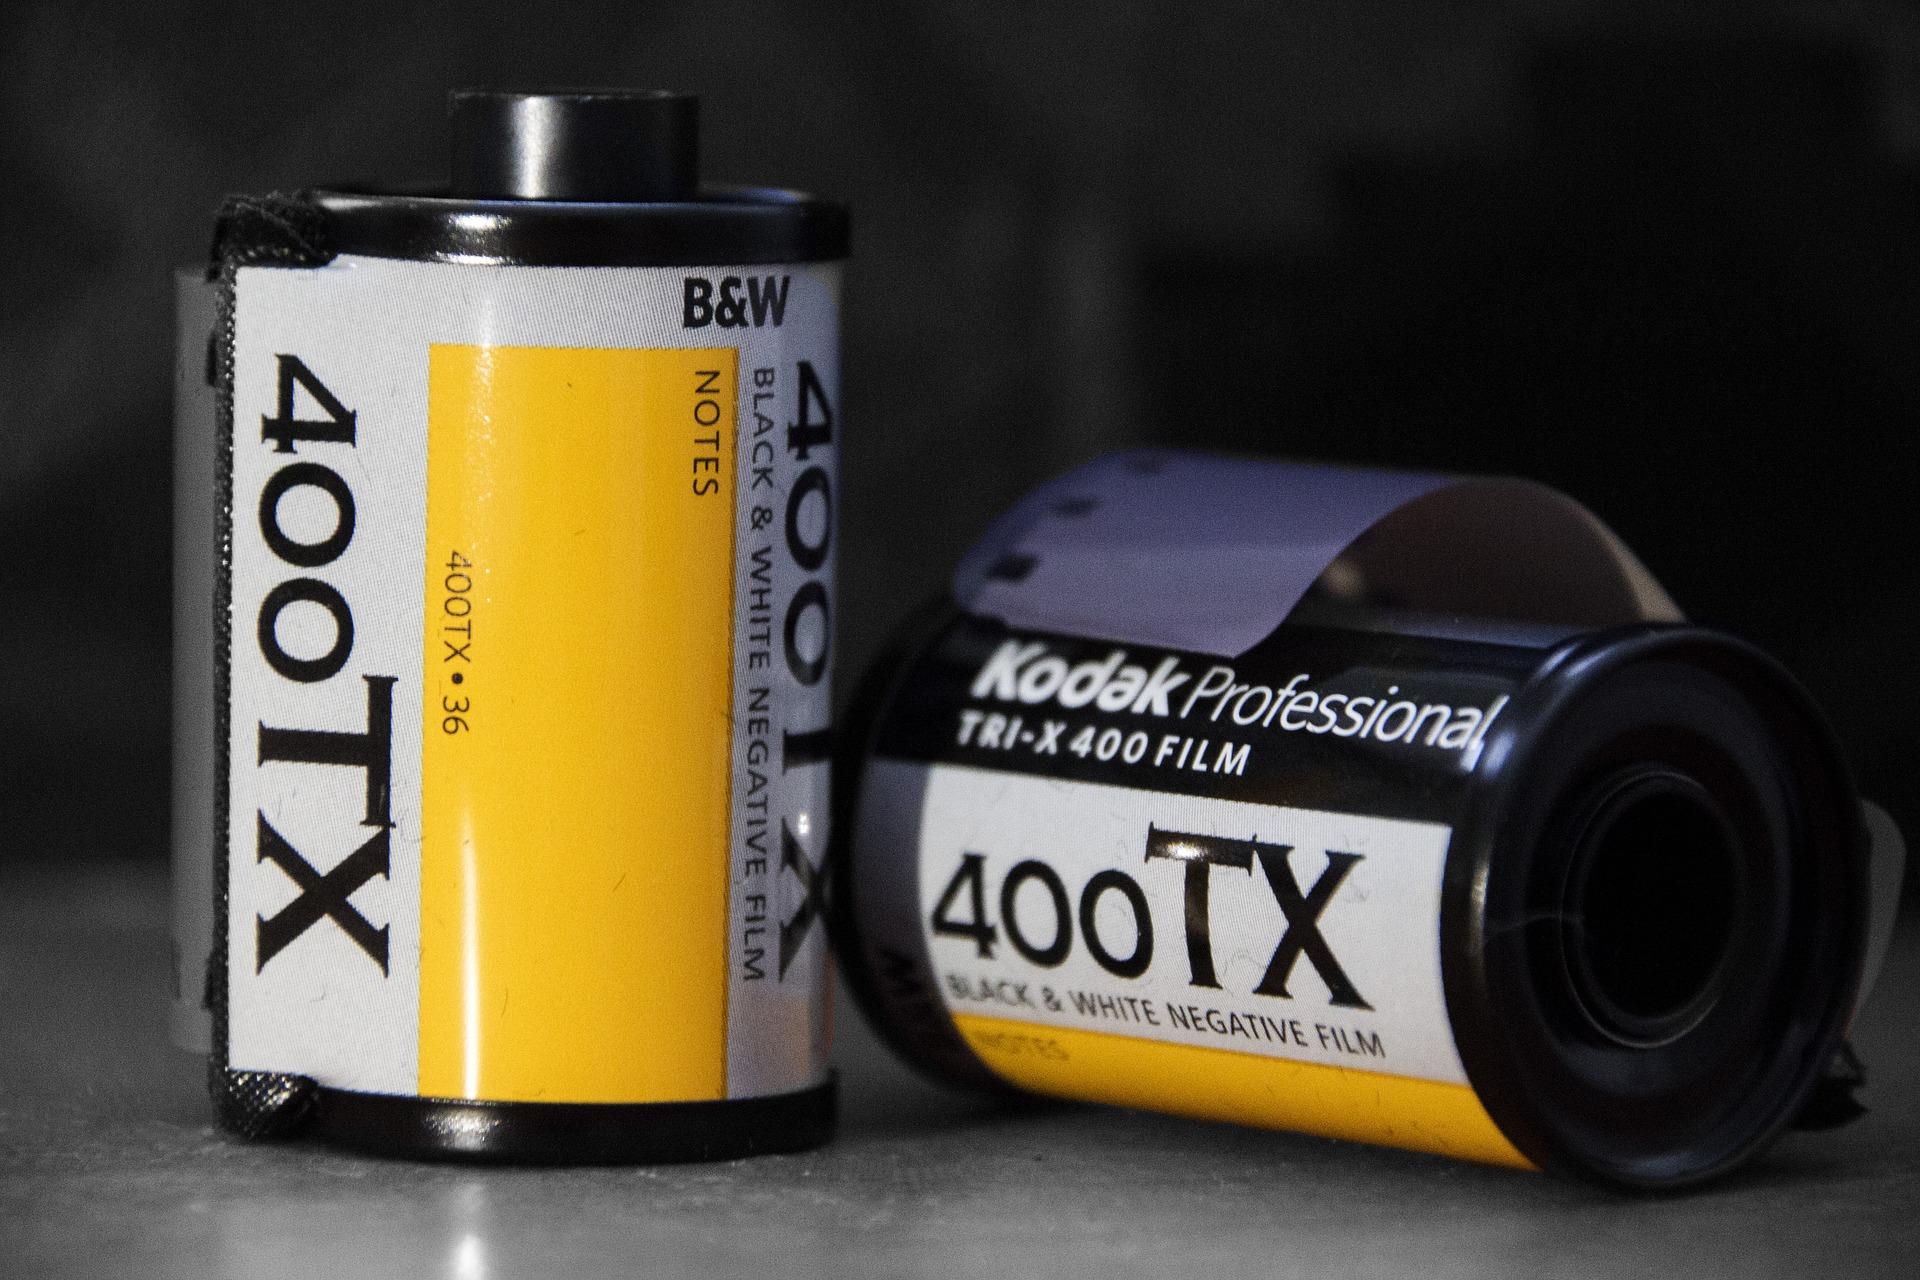 Kodak Tri-X (Pic: Wikimedia Commons)